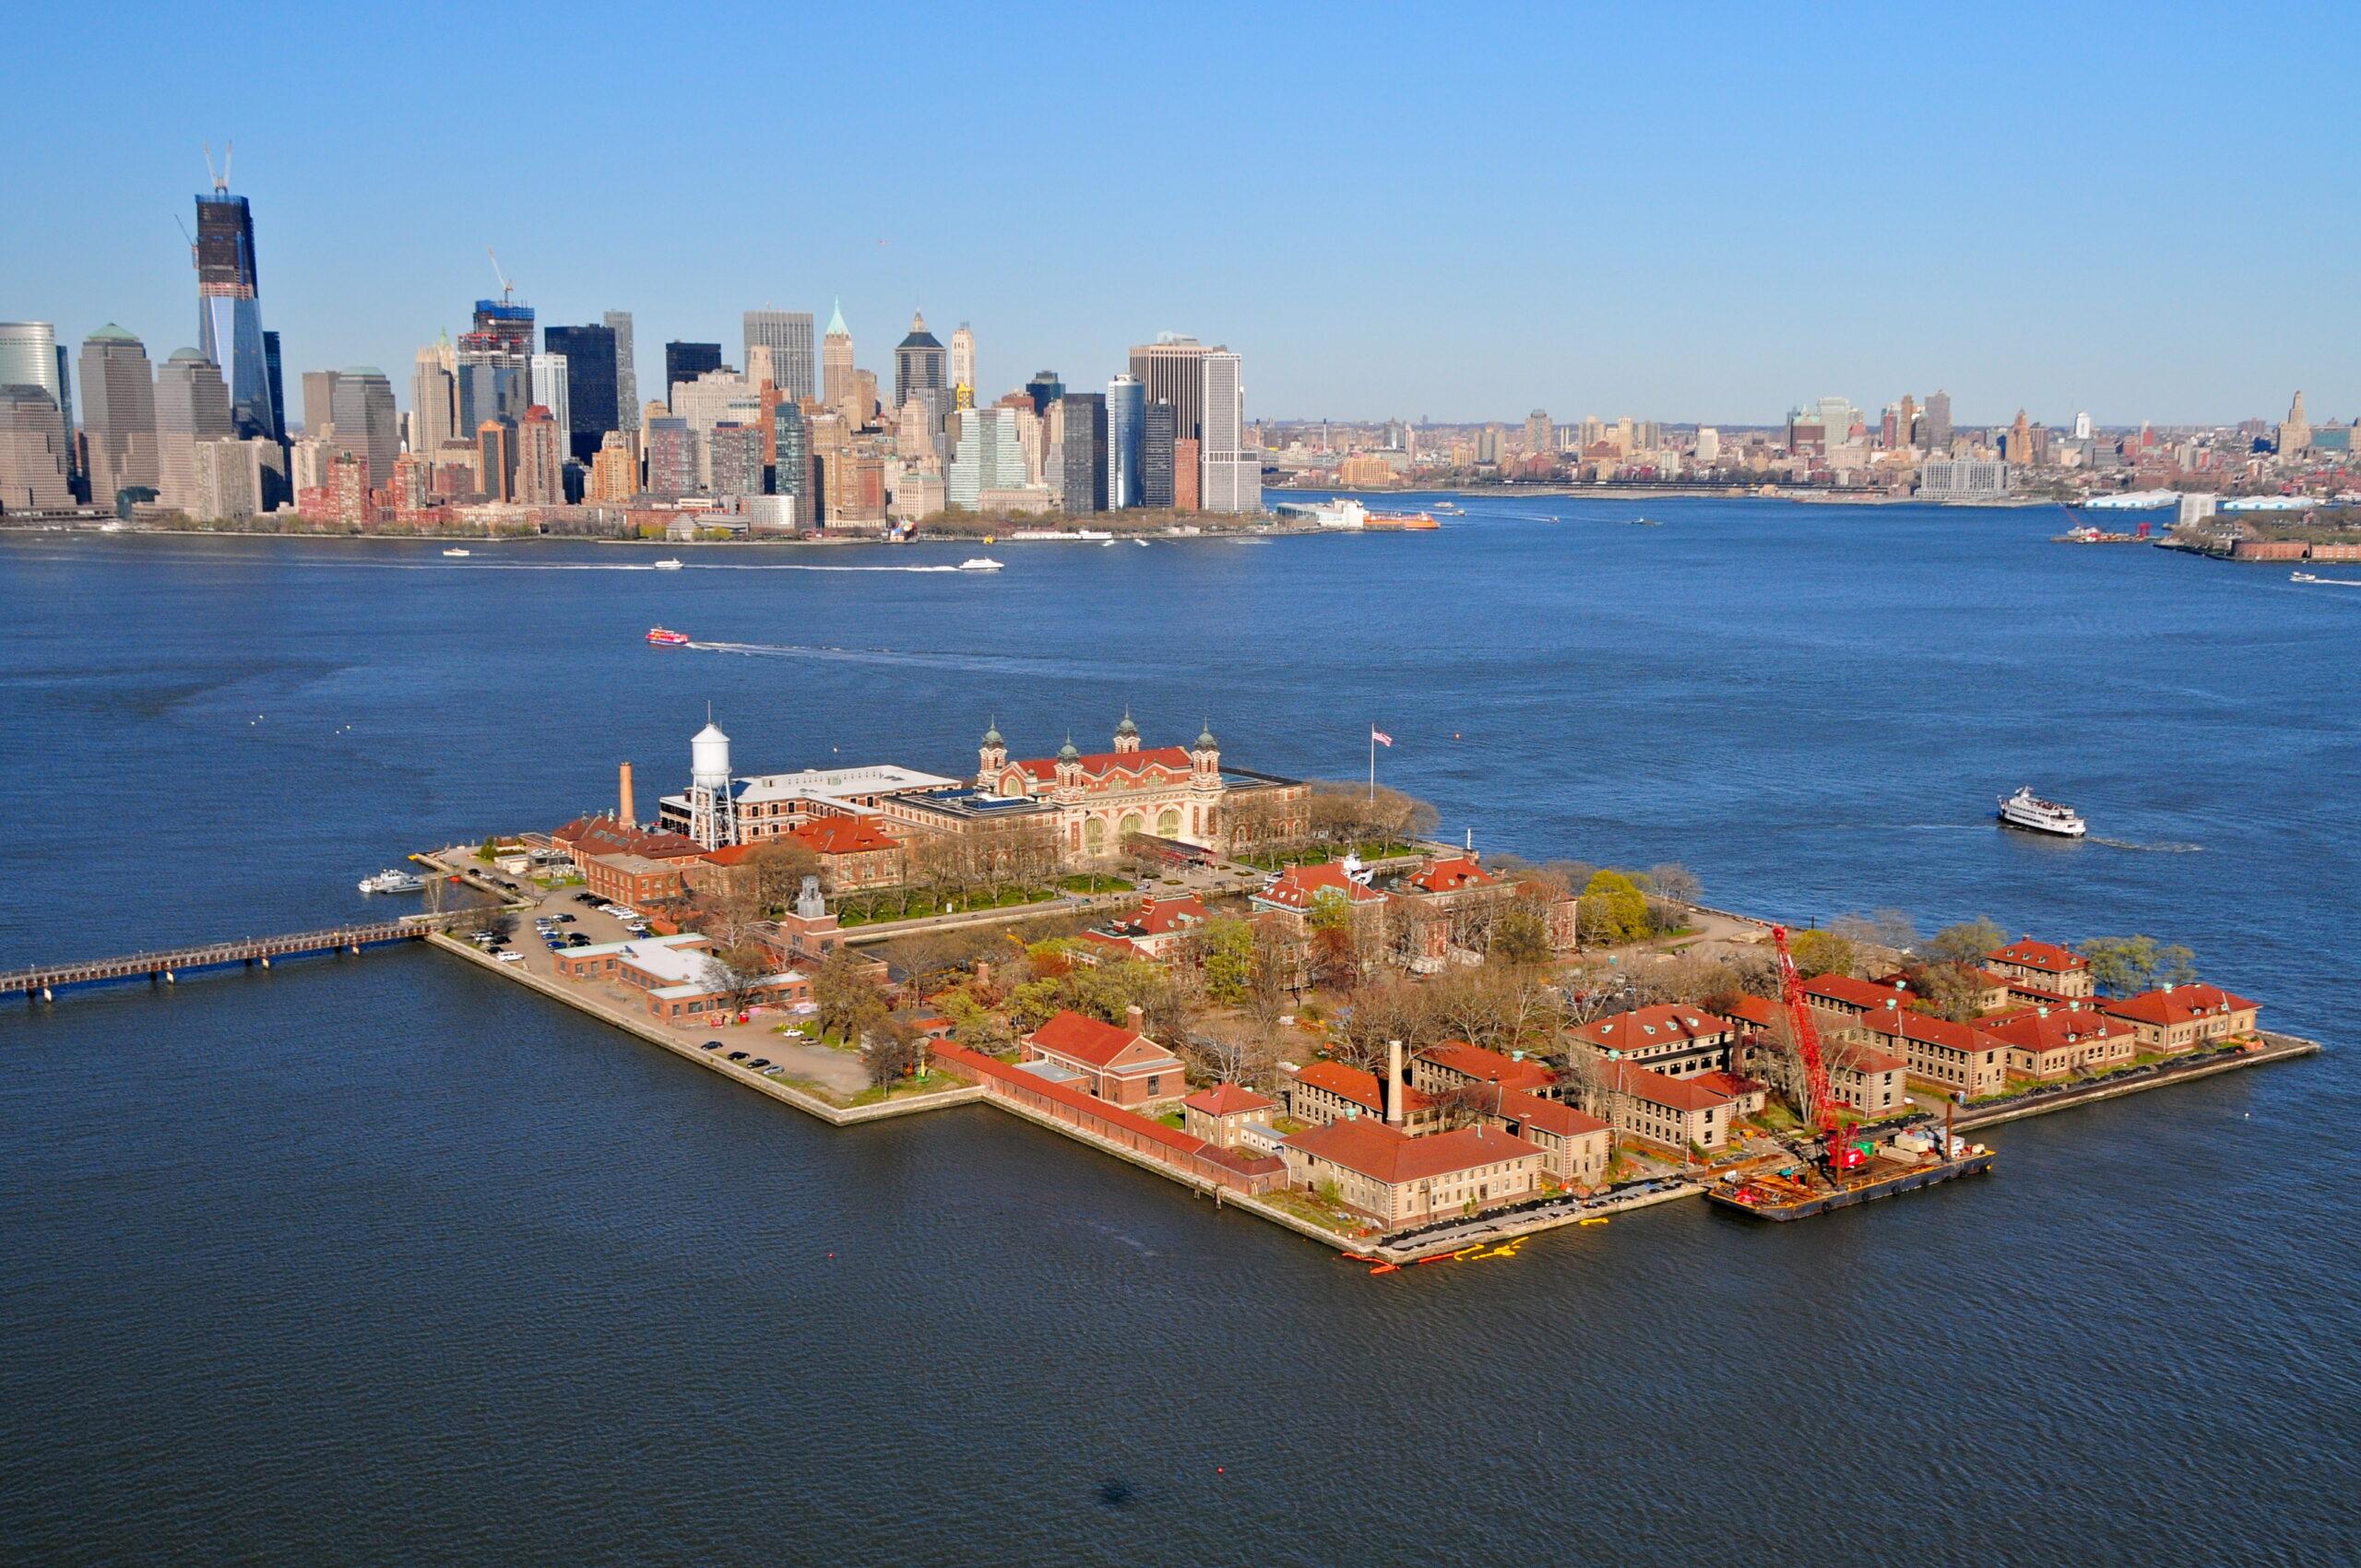 Virtual tour of Ellis Island & Downtown Manhattan, New York.